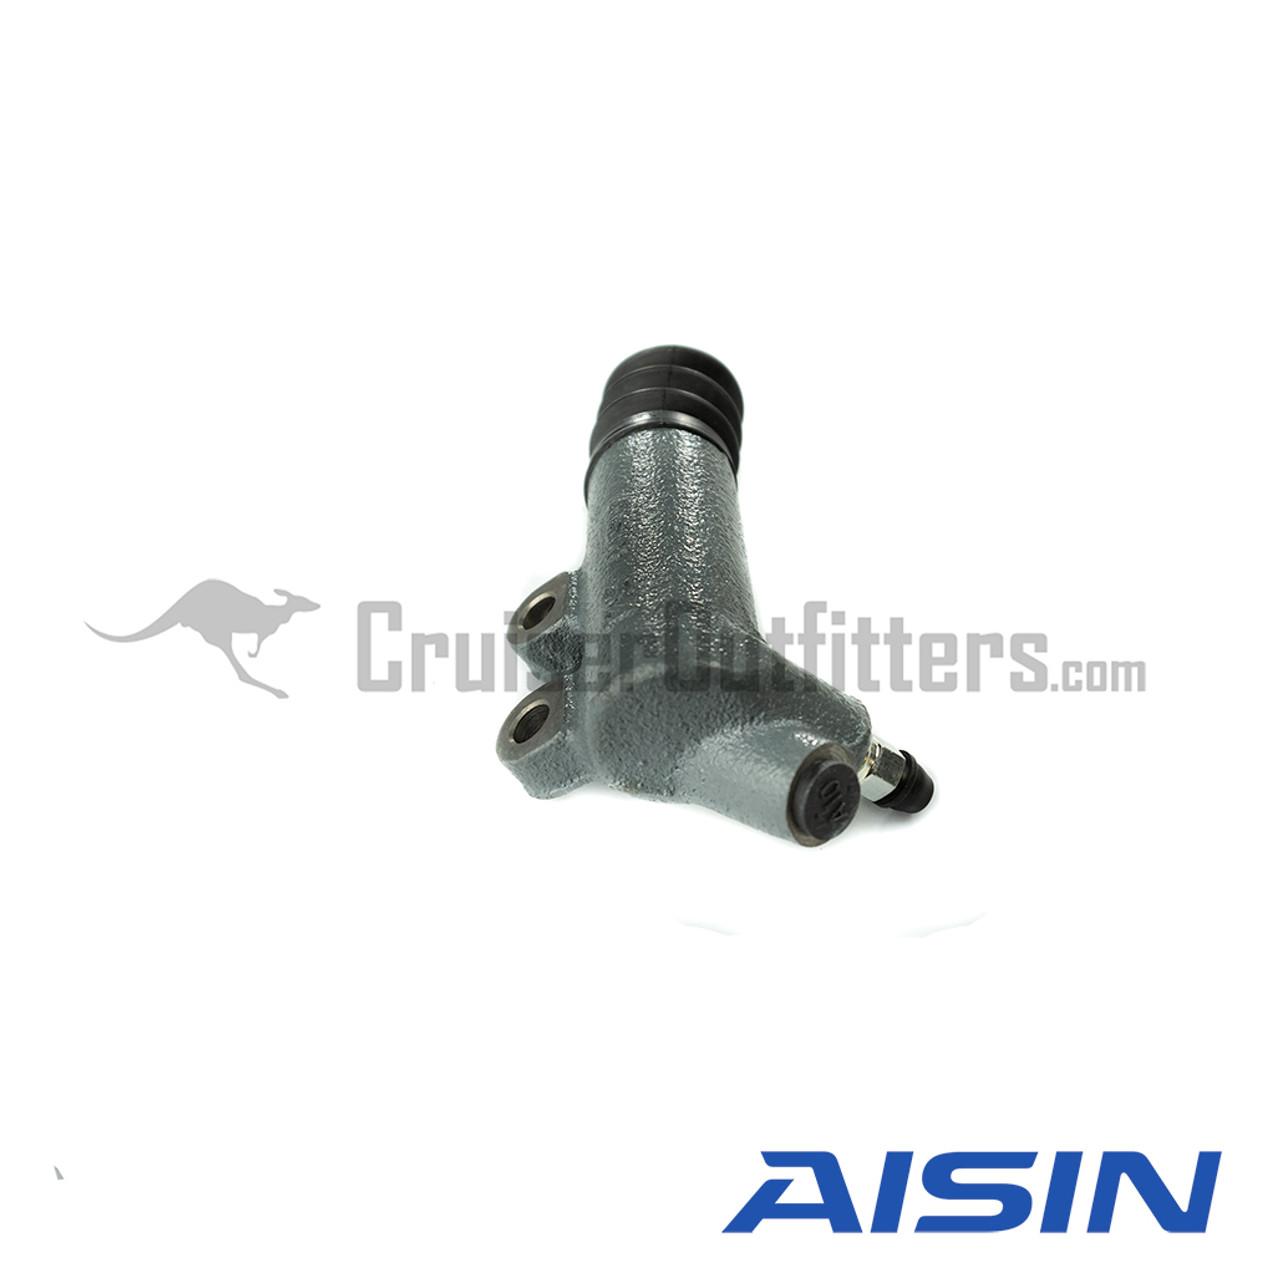 CSN60140N - Clutch Slave Cylinder